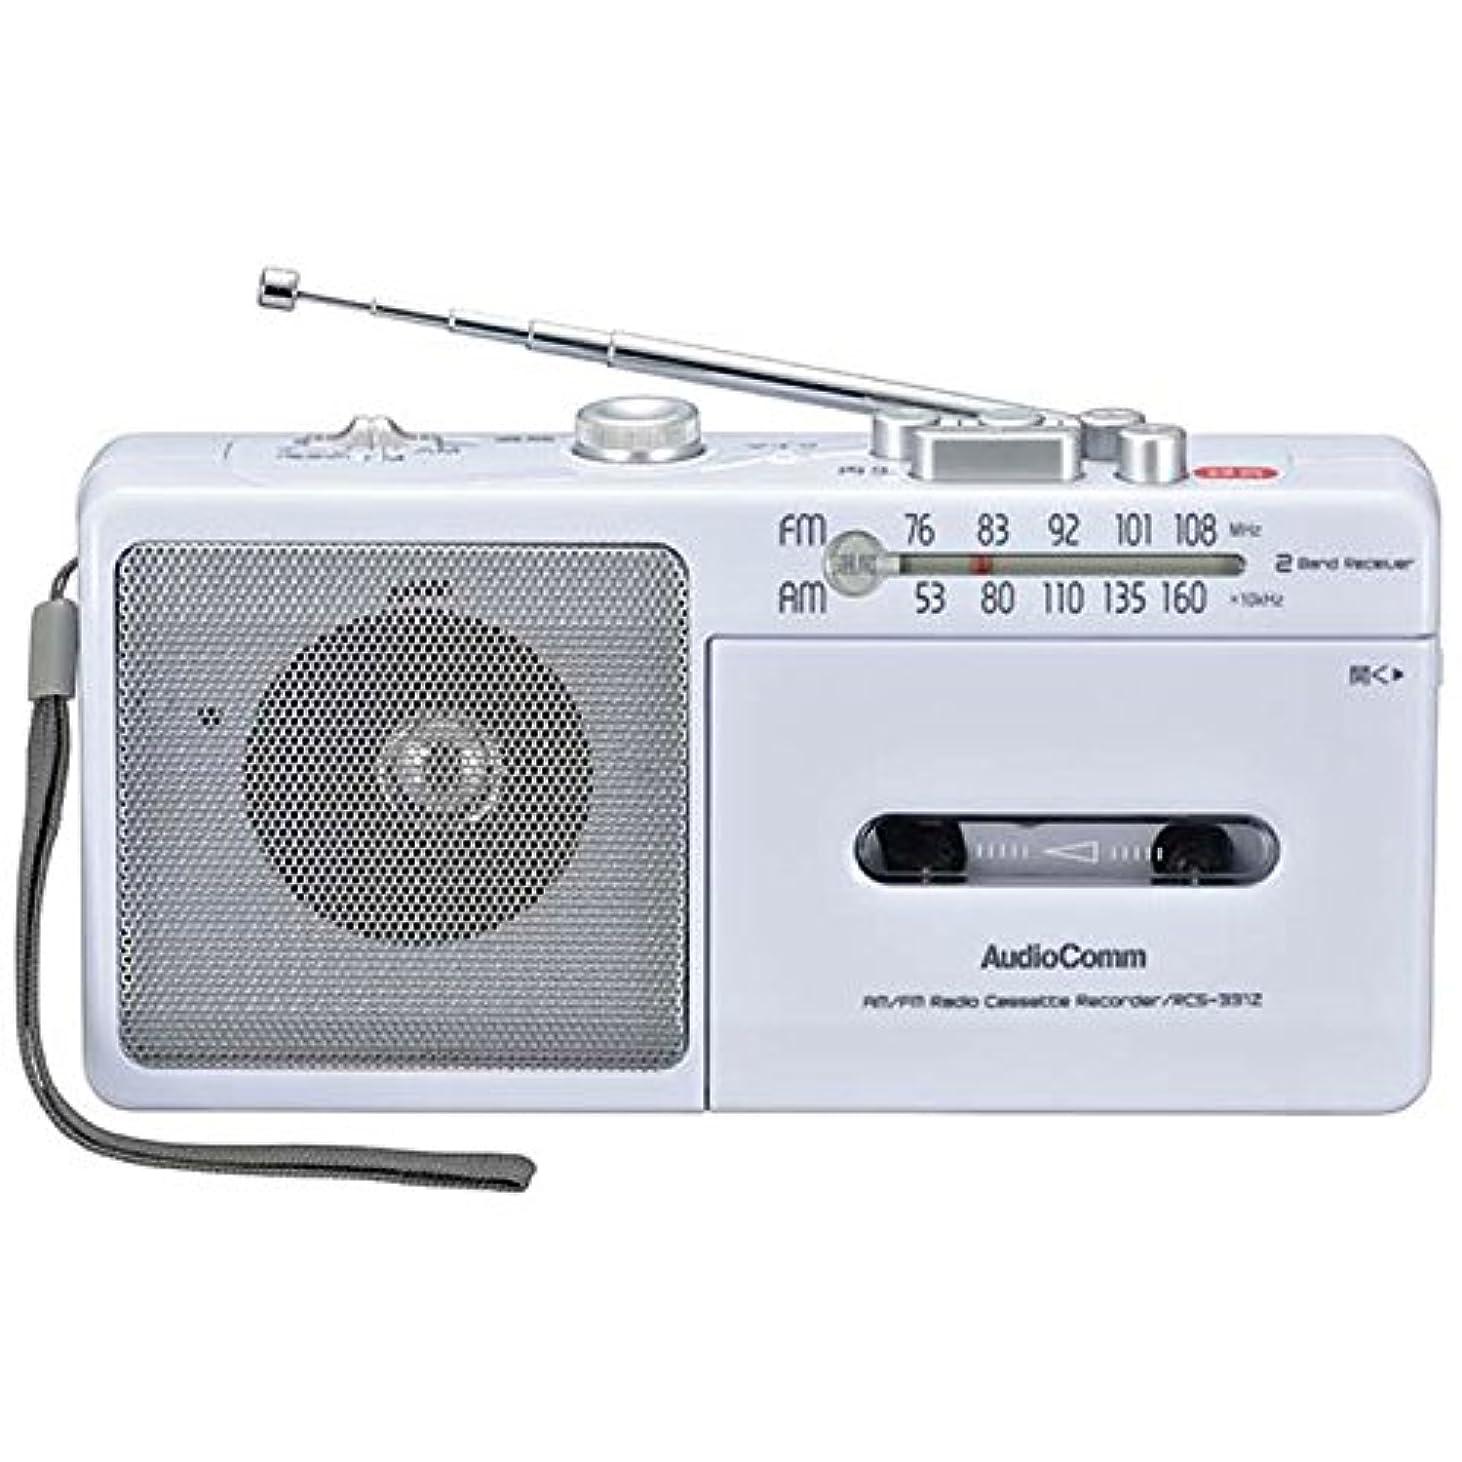 イルコンパスセレナ携帯ラジオ 小型 ラジオ おしゃれ 電池式 録音 モノラル カセット レコーダー 1年保証 AM/FM 防災グッズ 長時間 かわいい ヘッドホン端子 シンプル 持ち運びに便利 アンテナ